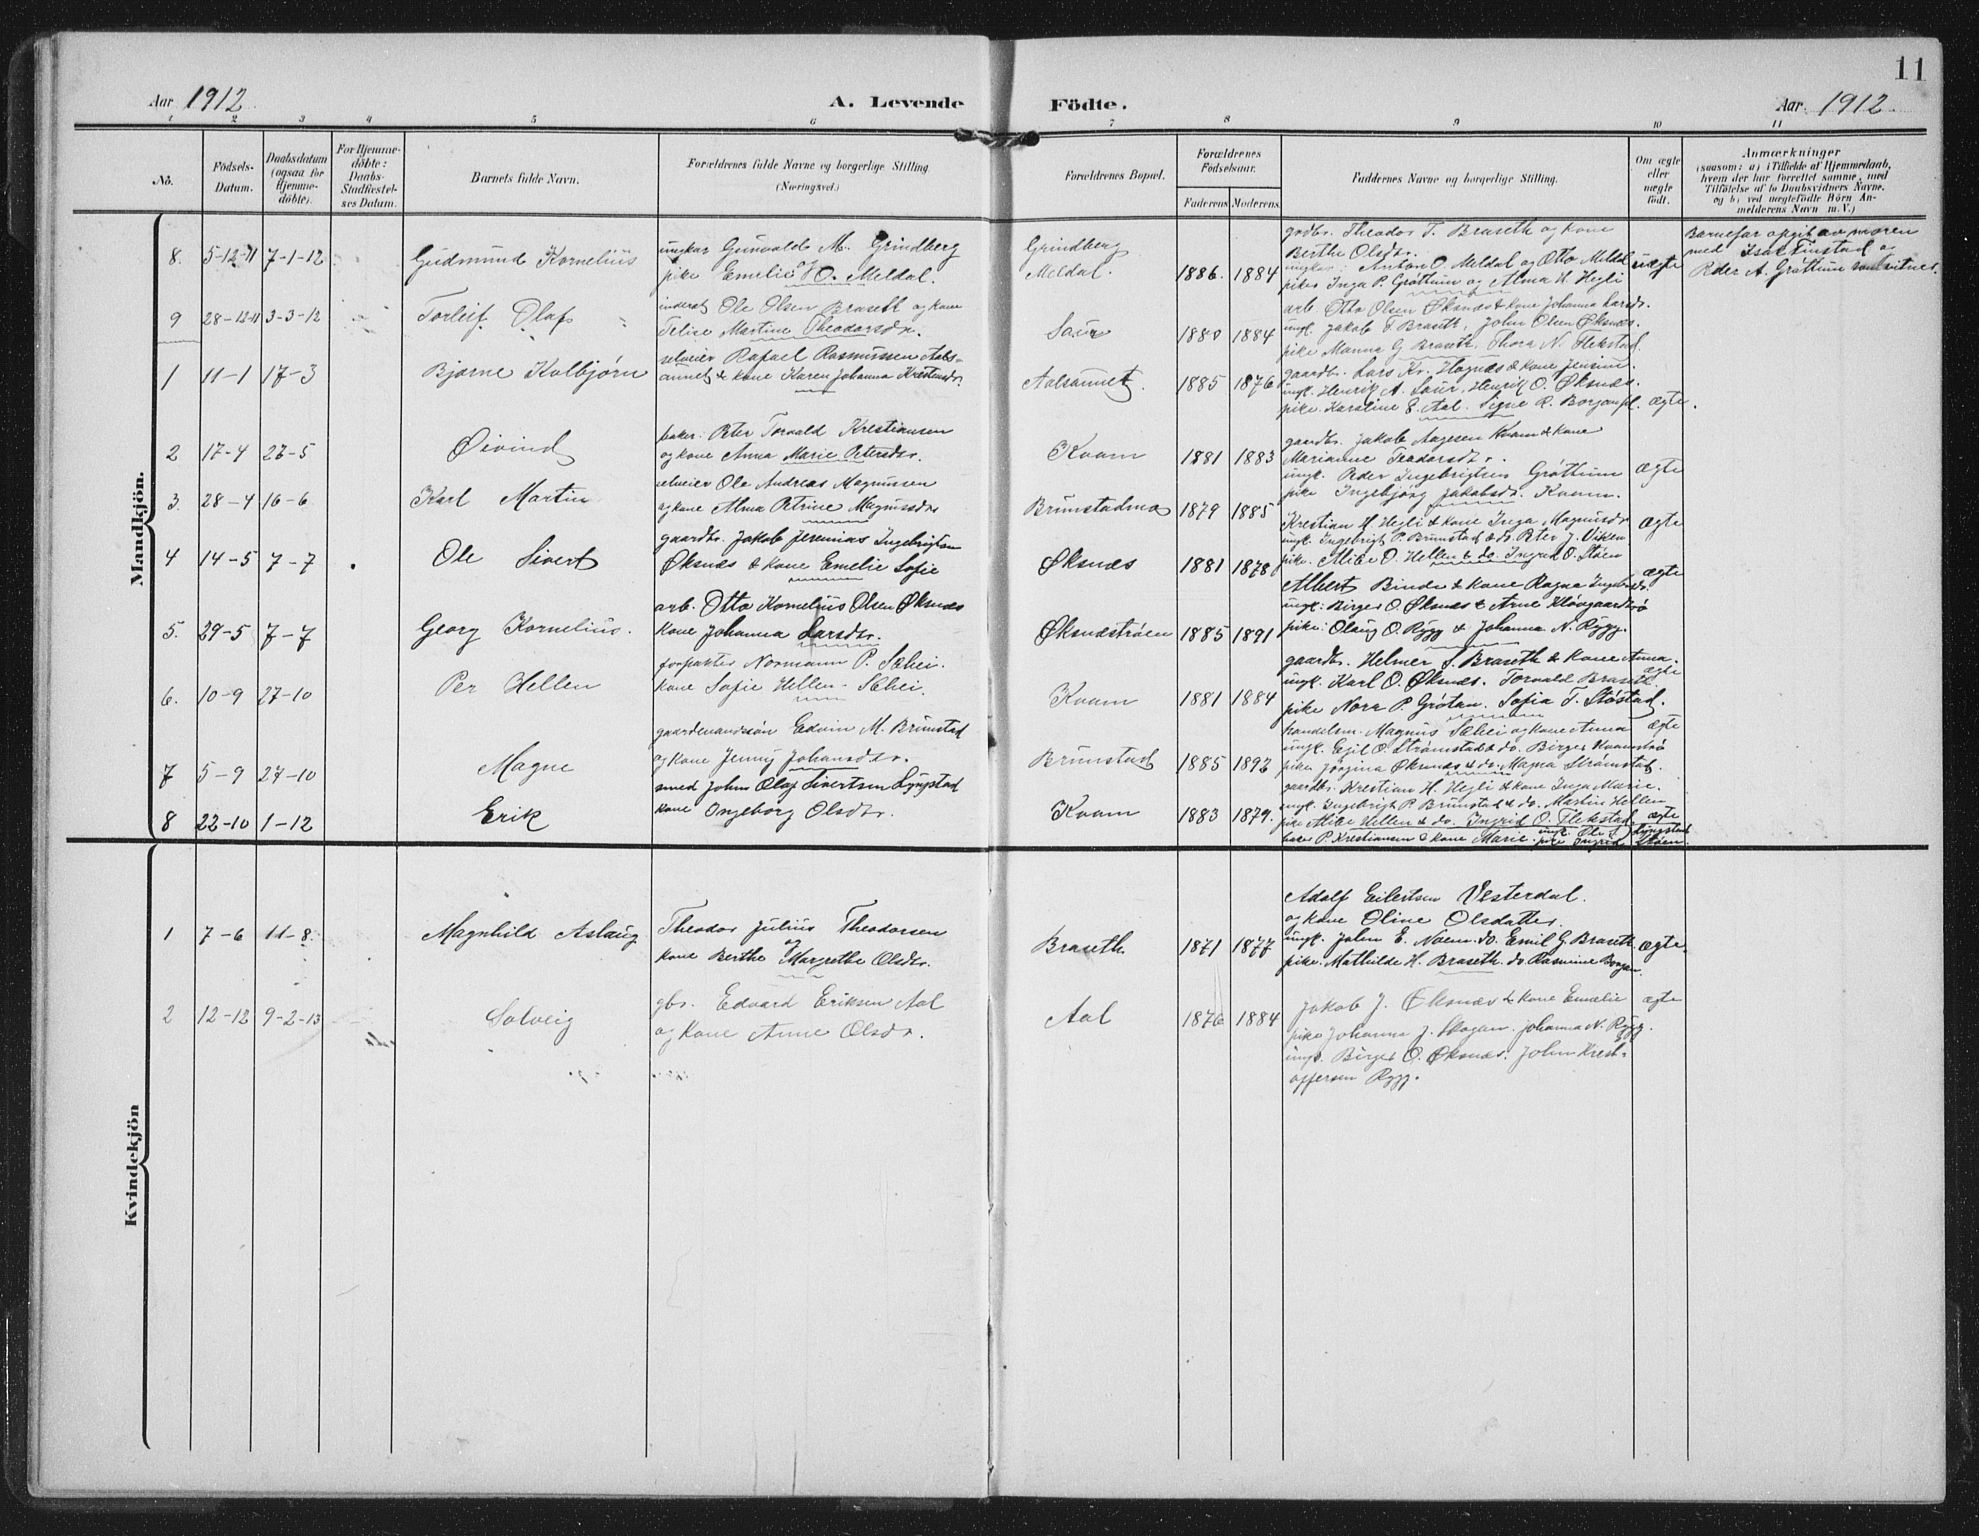 SAT, Ministerialprotokoller, klokkerbøker og fødselsregistre - Nord-Trøndelag, 747/L0460: Klokkerbok nr. 747C02, 1908-1939, s. 11